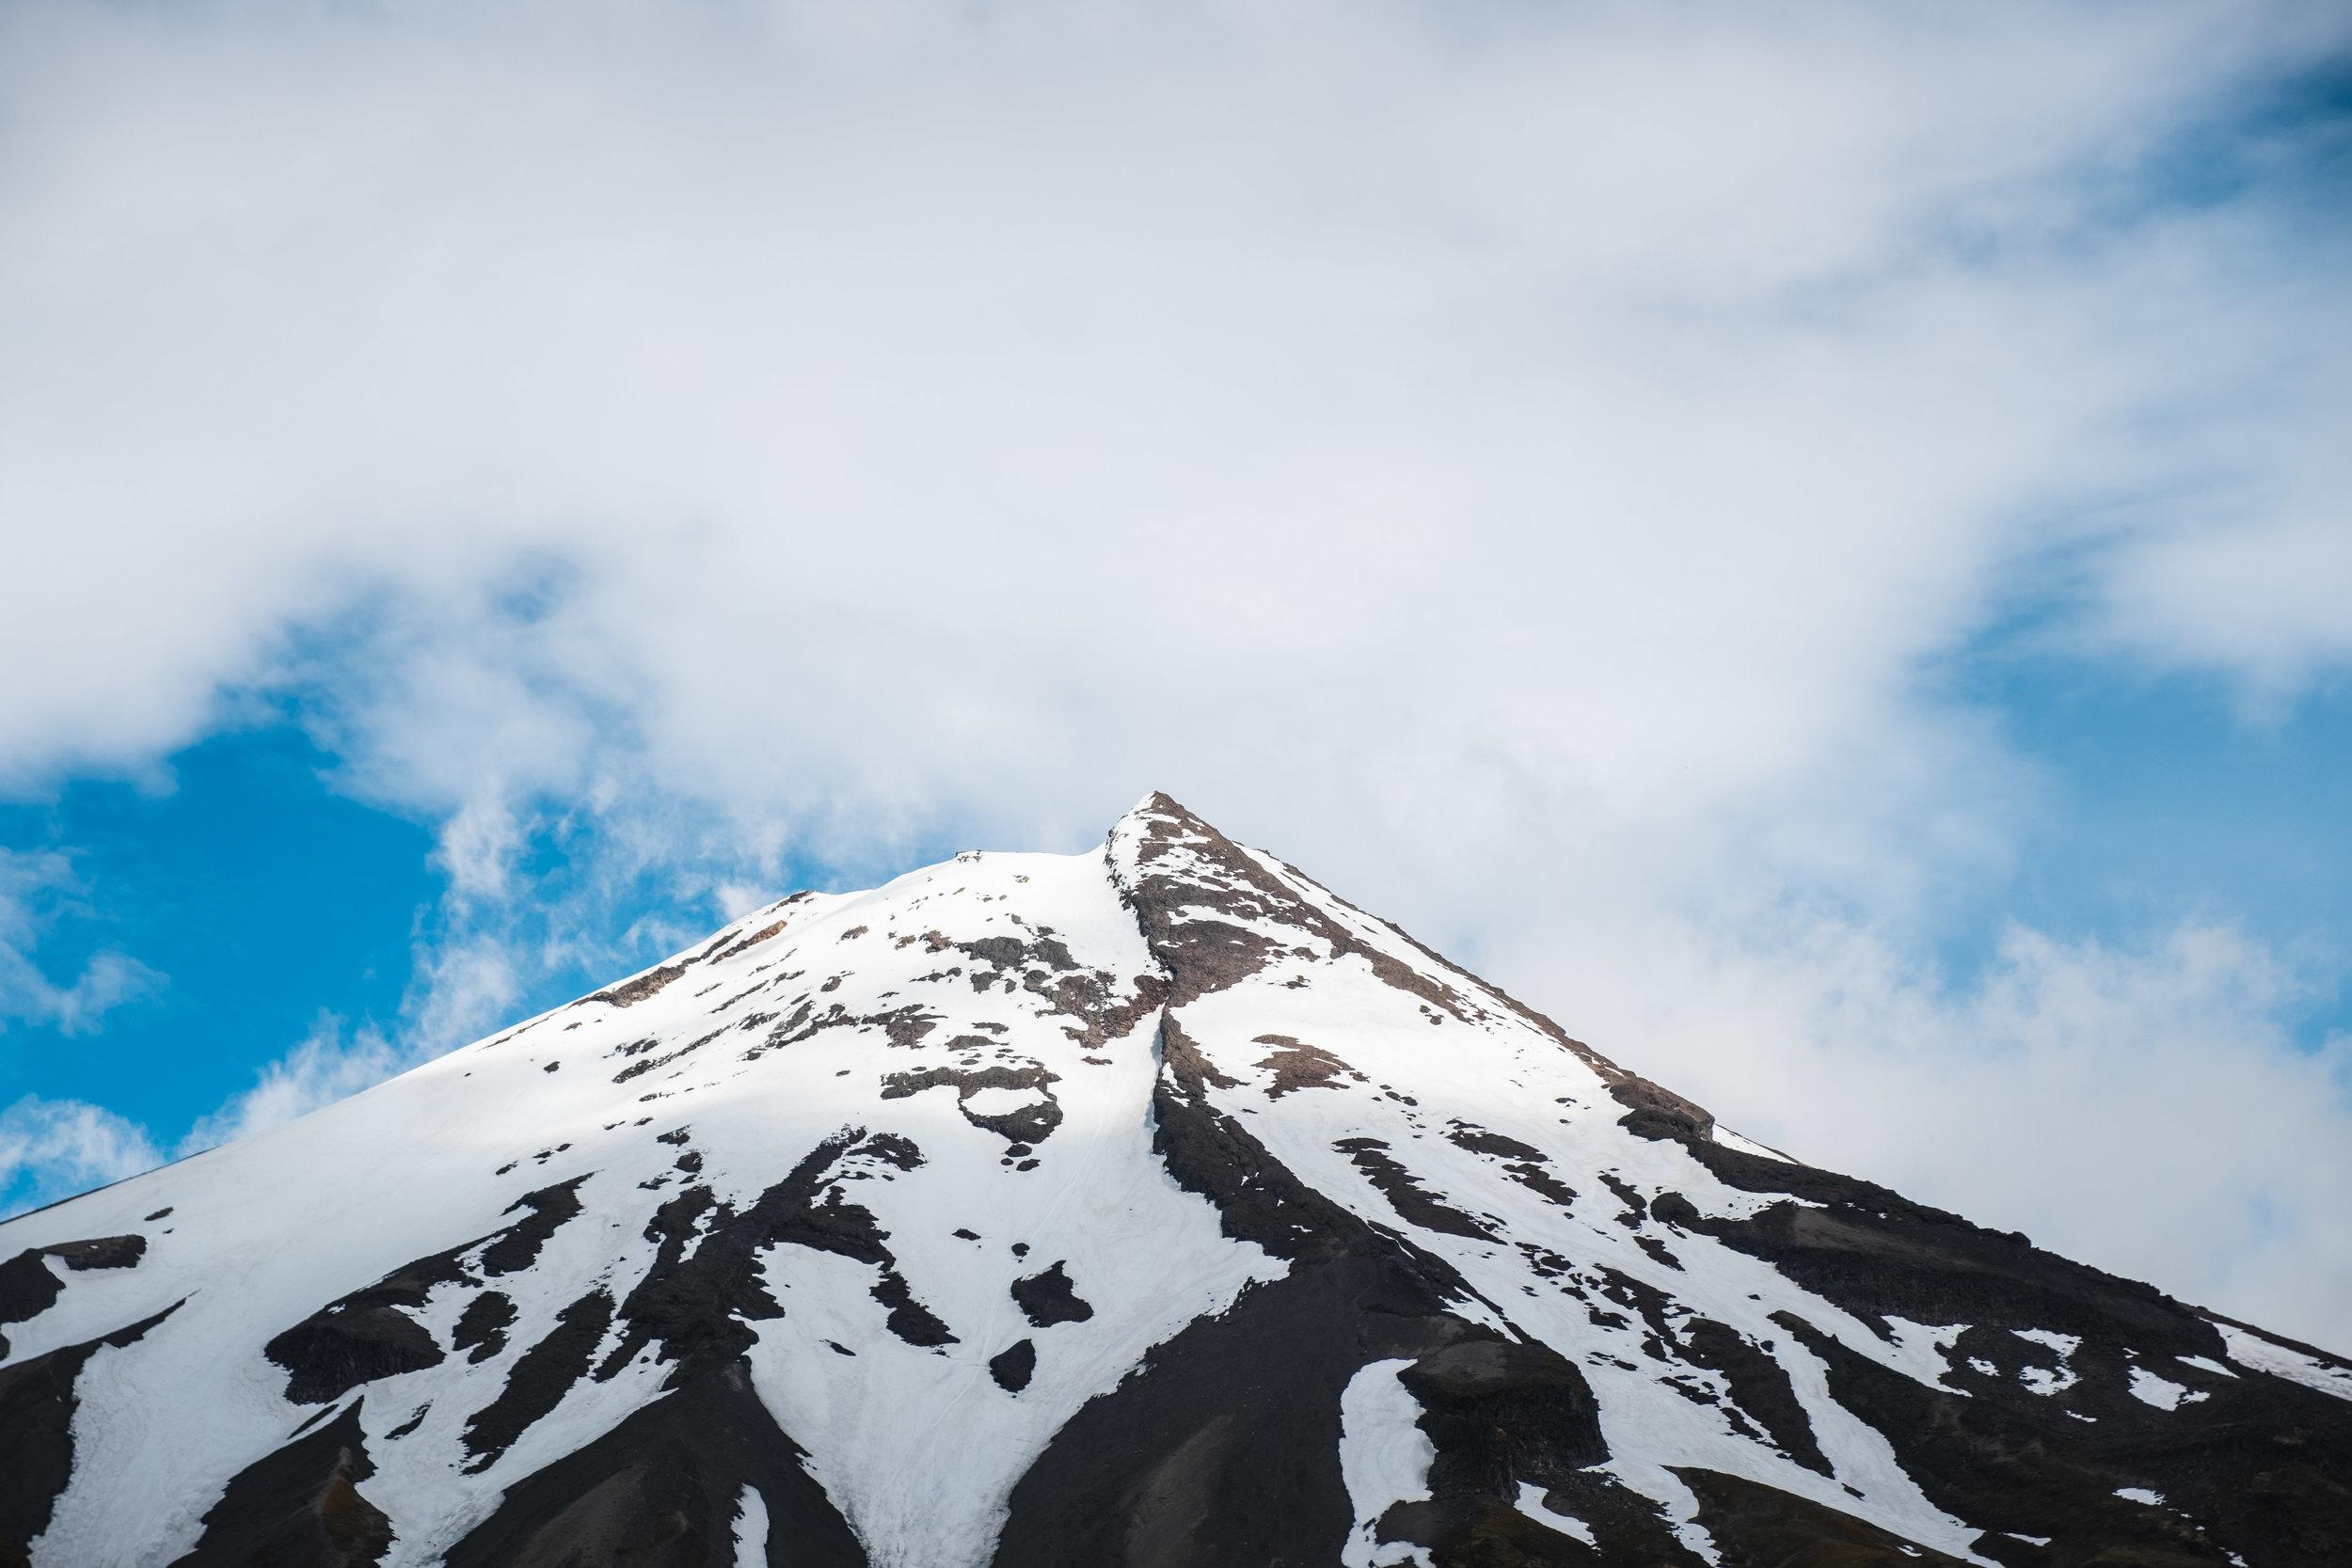 Taranaki's peak